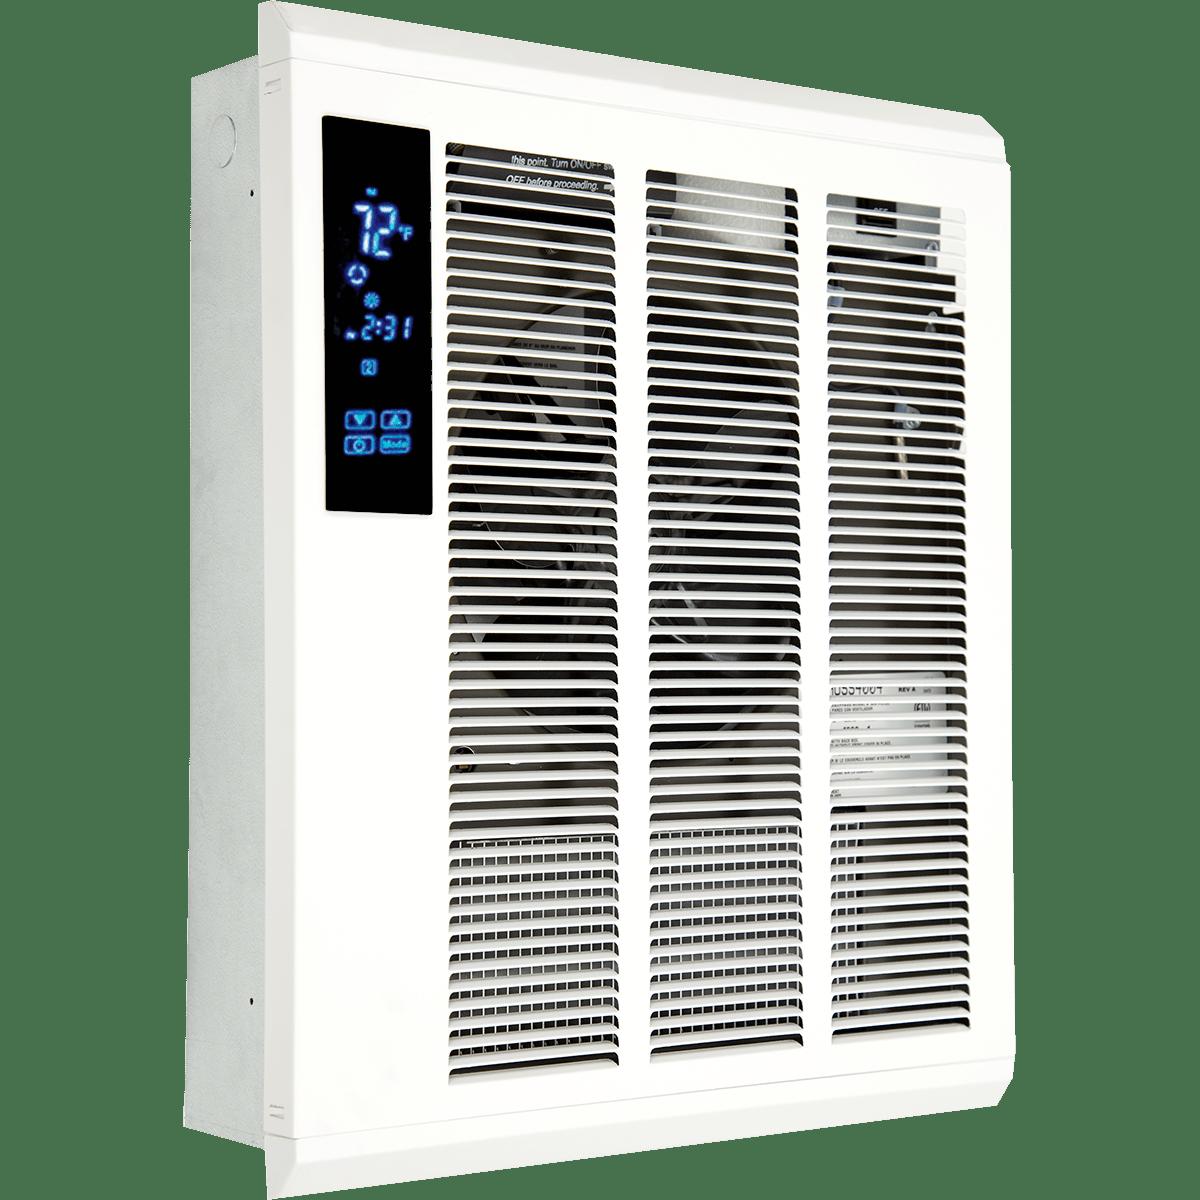 qmark ssho4004 smart series wall heater main qmark ssho4007 smart series digital wall heater sylvane